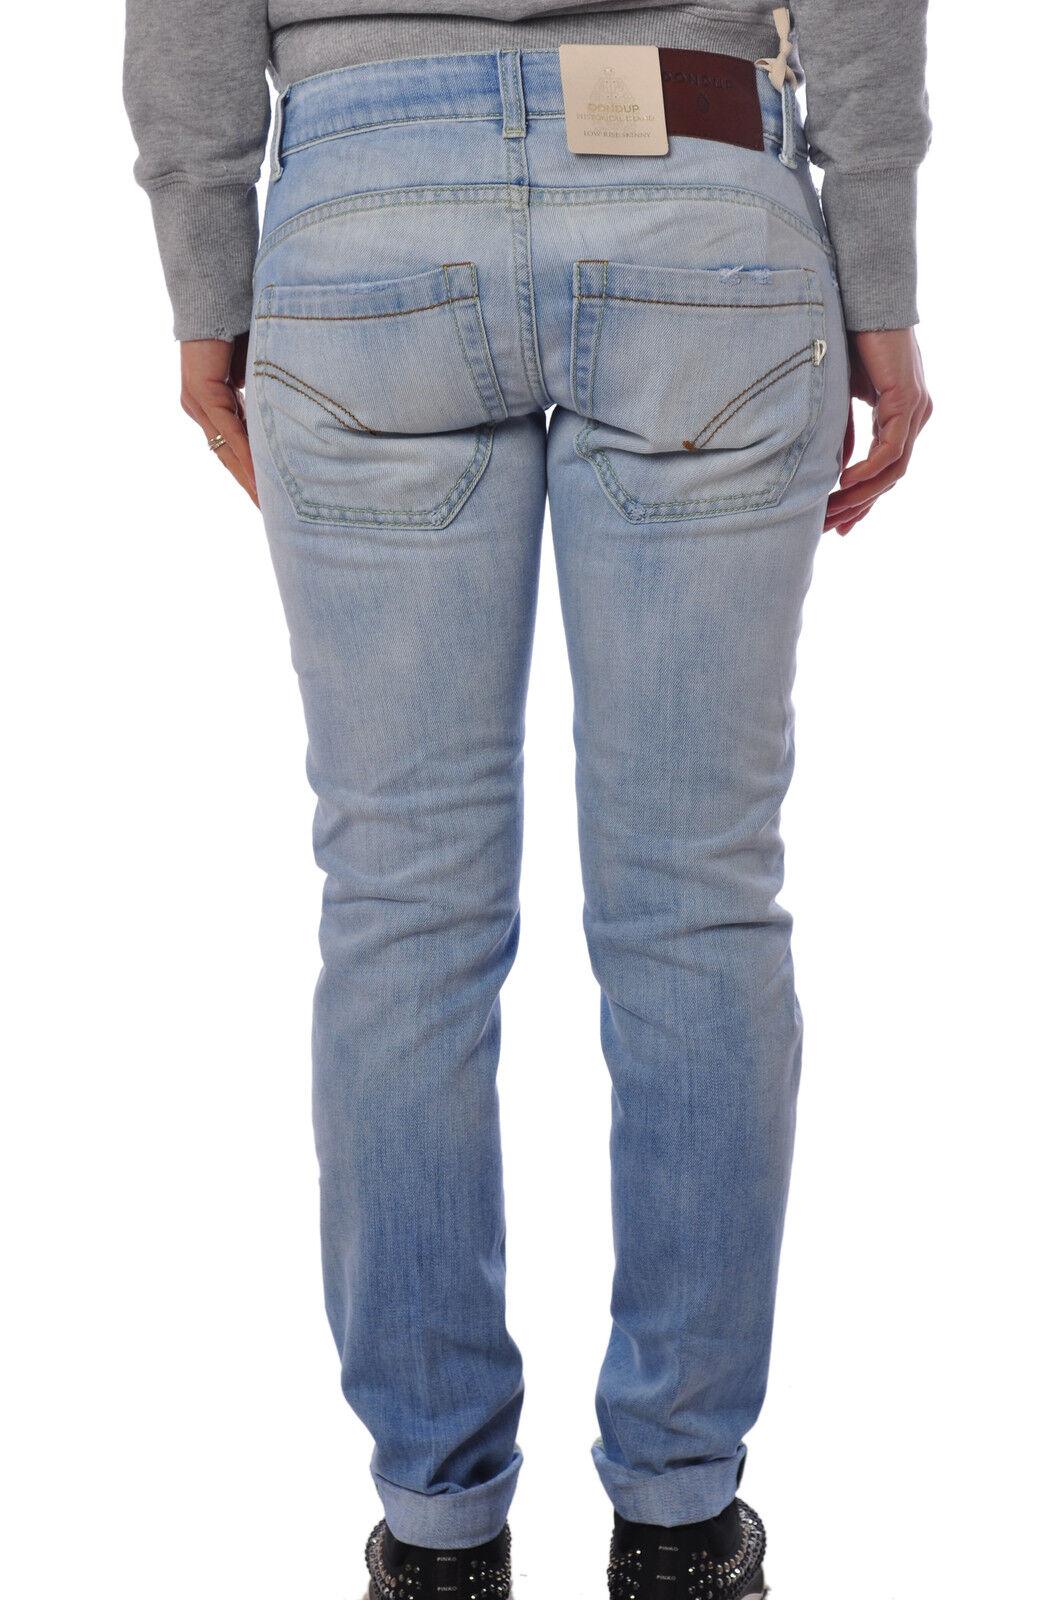 Dondup  -  Pants - Female - 29 - Denim - 1312208B164516